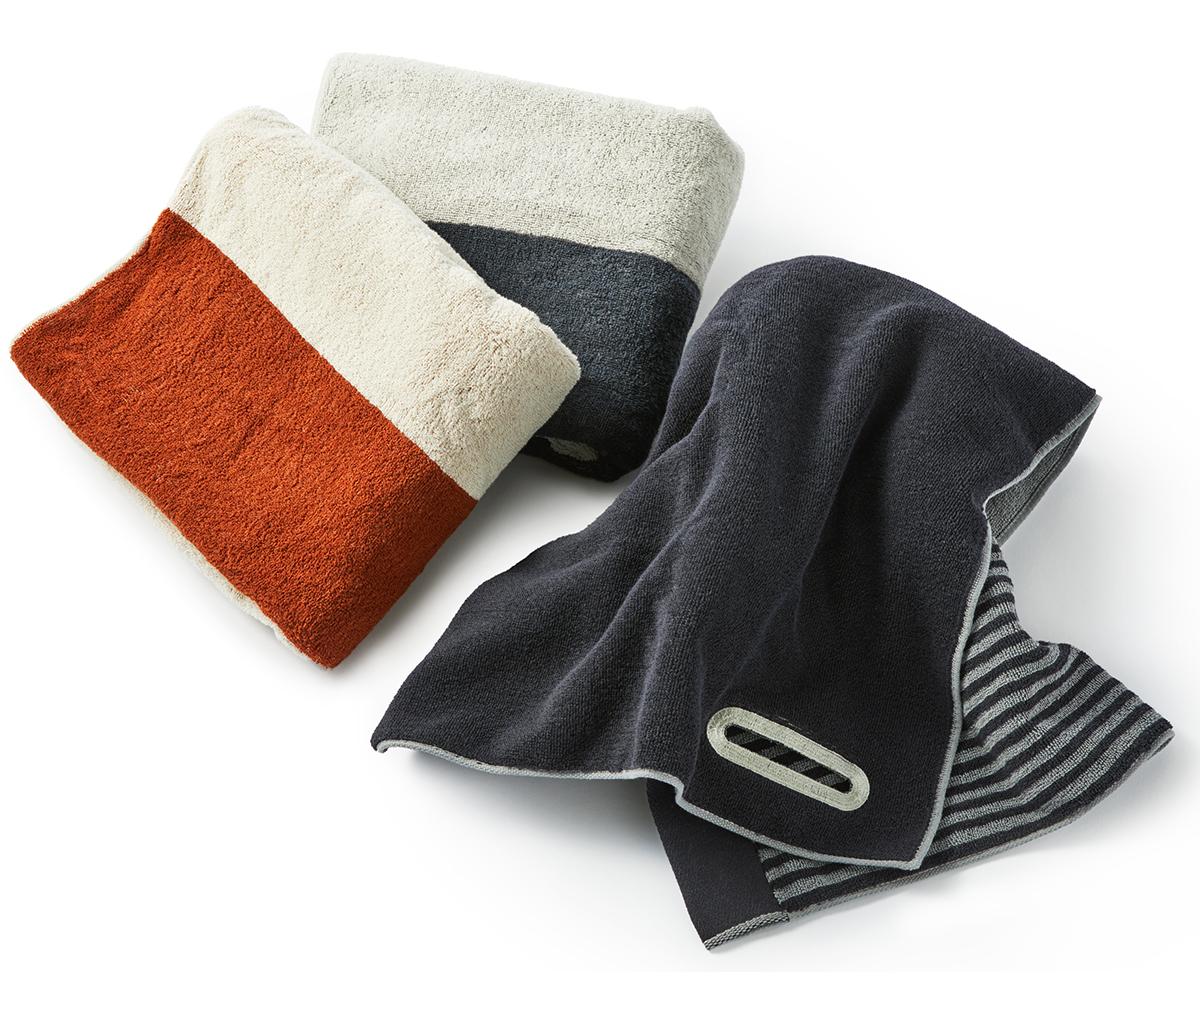 2本の原糸を撚った、耐久性の高い綿糸に、柔らかさにこだわった一広独自の「フルフィーコットン」をふっくら織り合せた軽い仕上がり。酸化チタンと銀の作用で、生乾き臭・汗臭の菌を分解する「タオル」|WARP